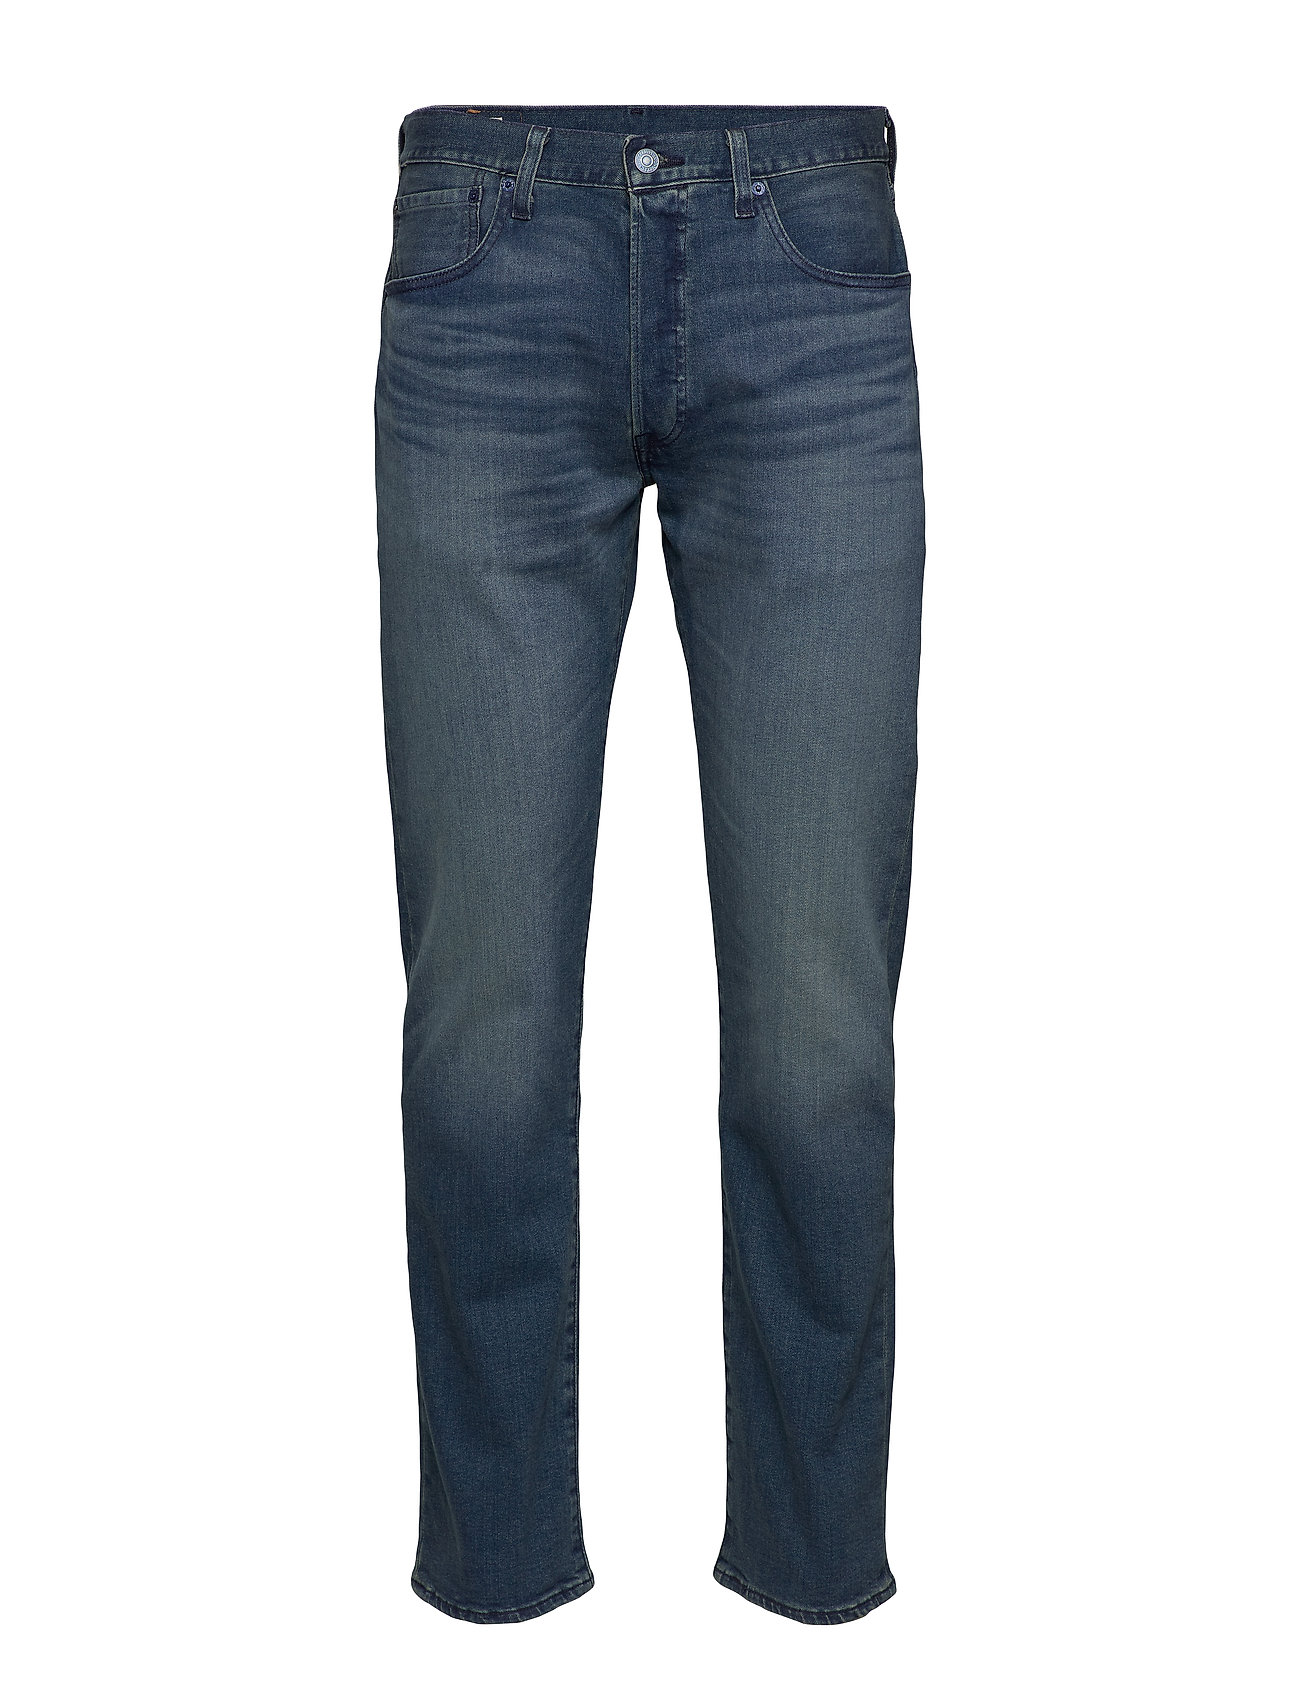 Image of 501 Levisoriginal Key West Wav Slim Jeans Blå LEVI´S Men (3350776043)